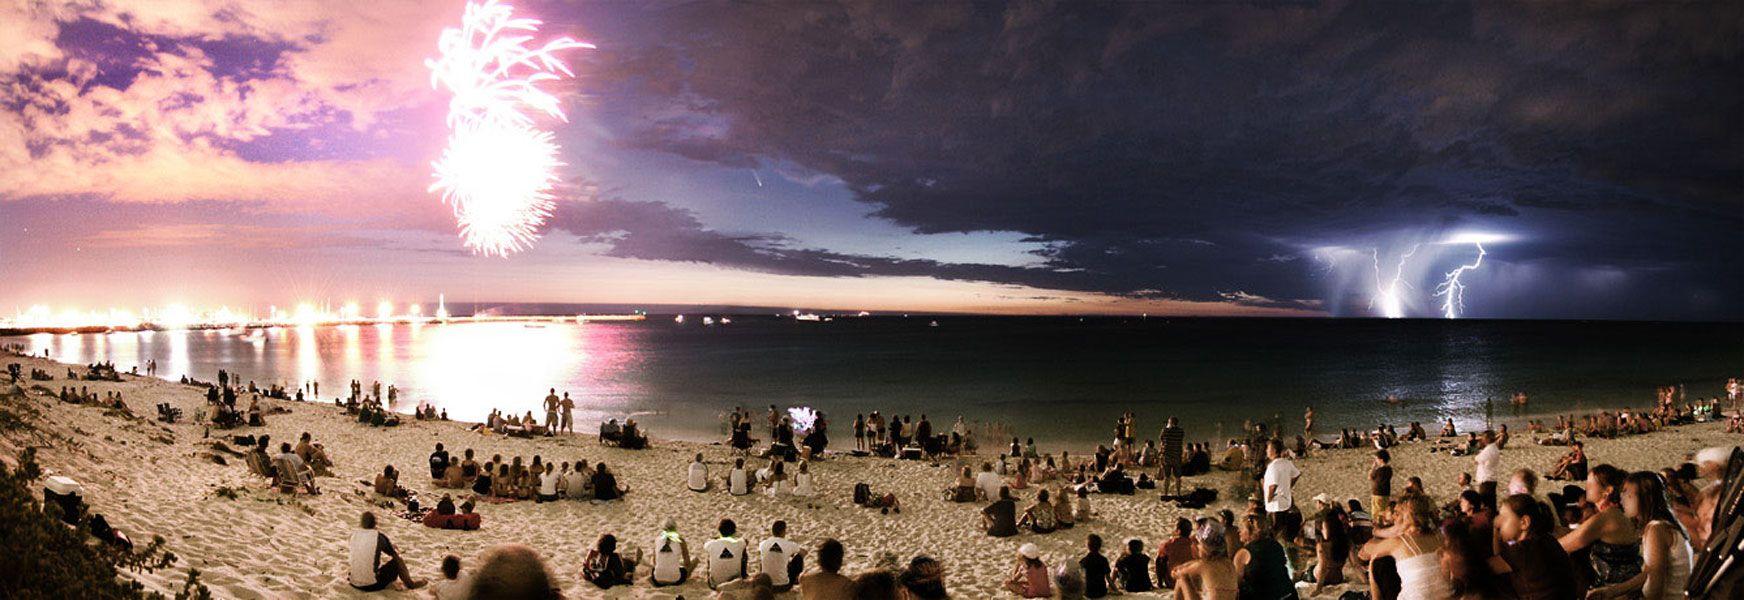 stormy fireworks